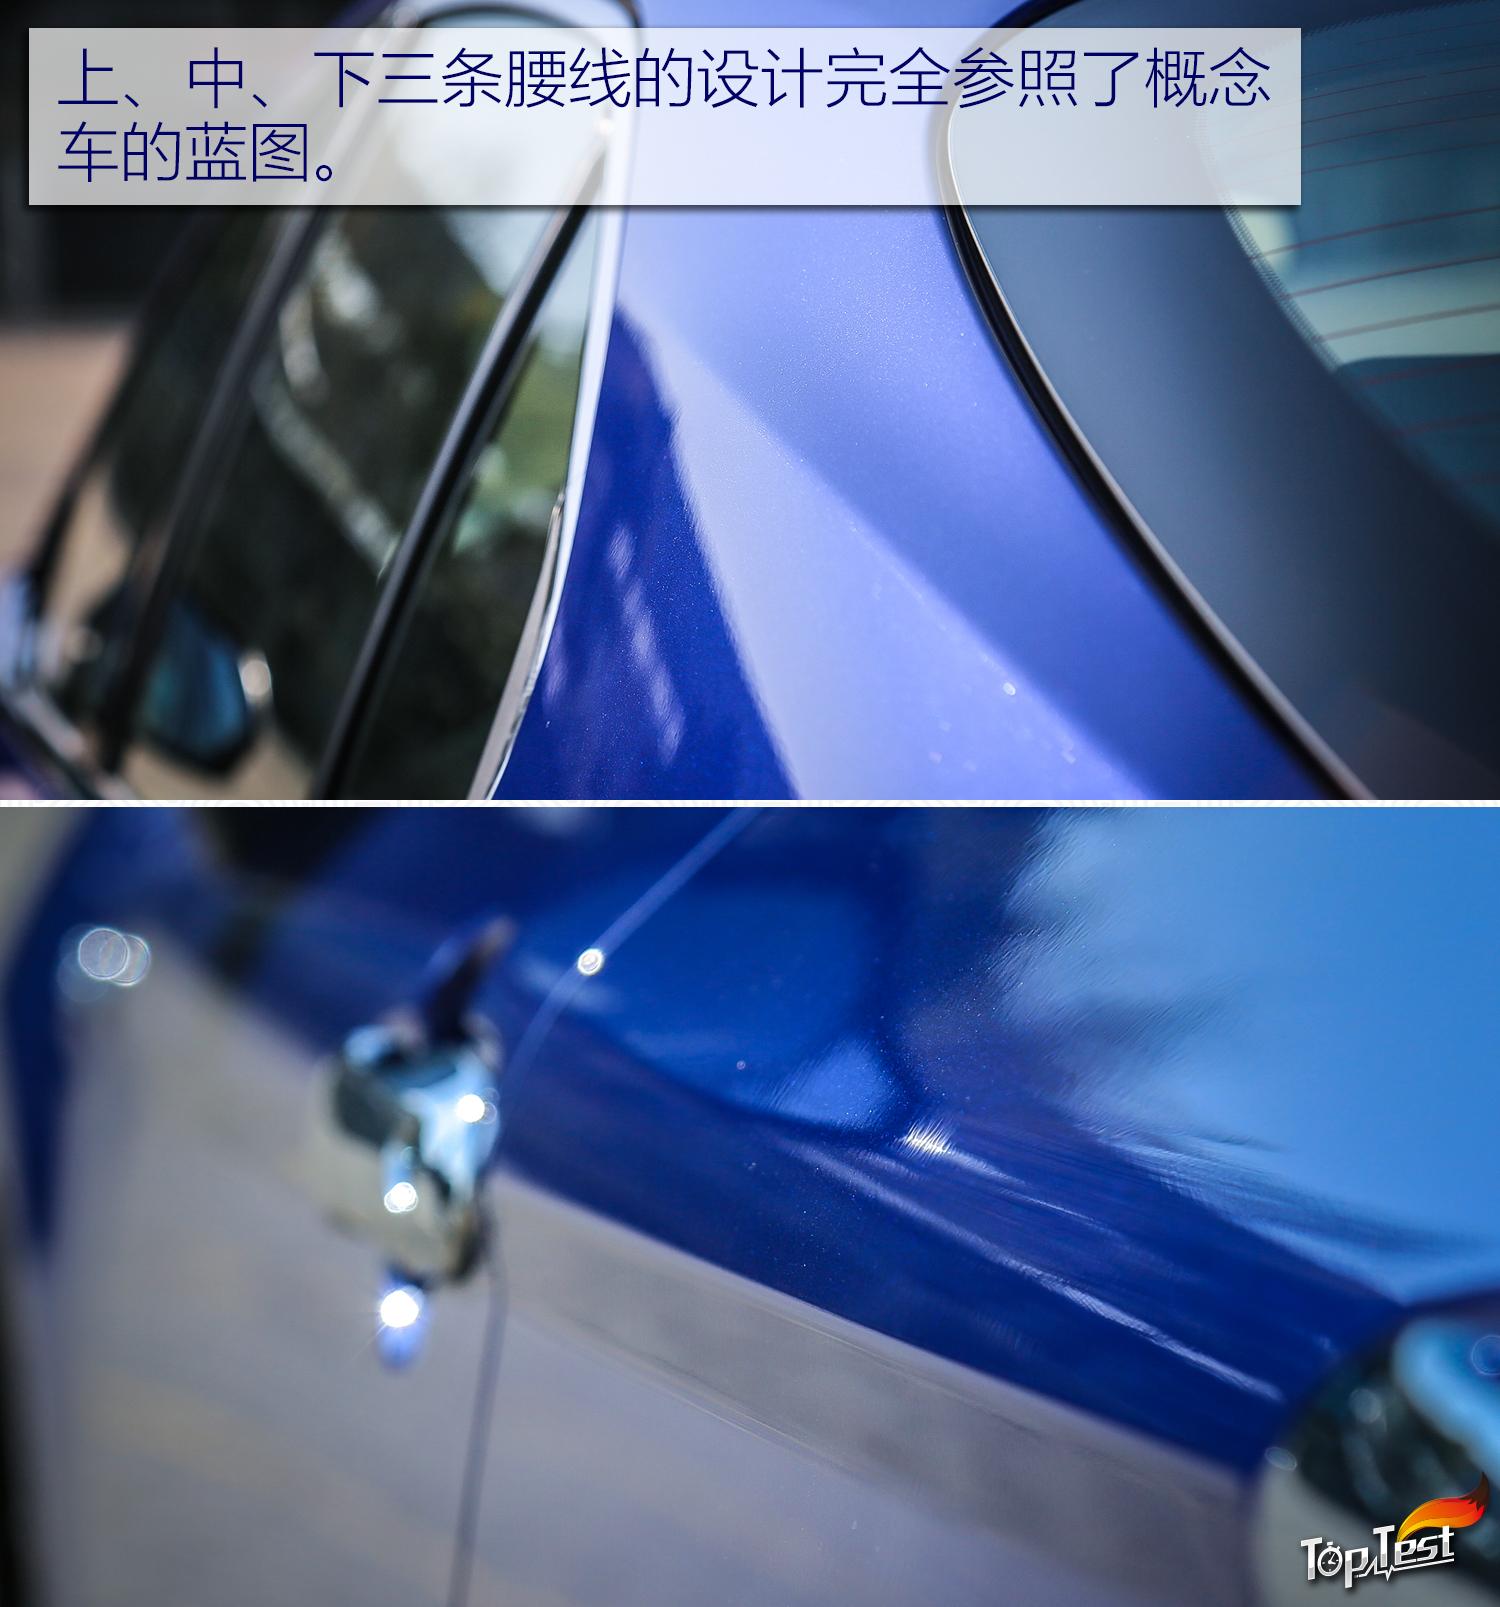 官方正规手机彩票软件:改变更加均衡_试广汽丰田全新第八代凯美瑞双擎